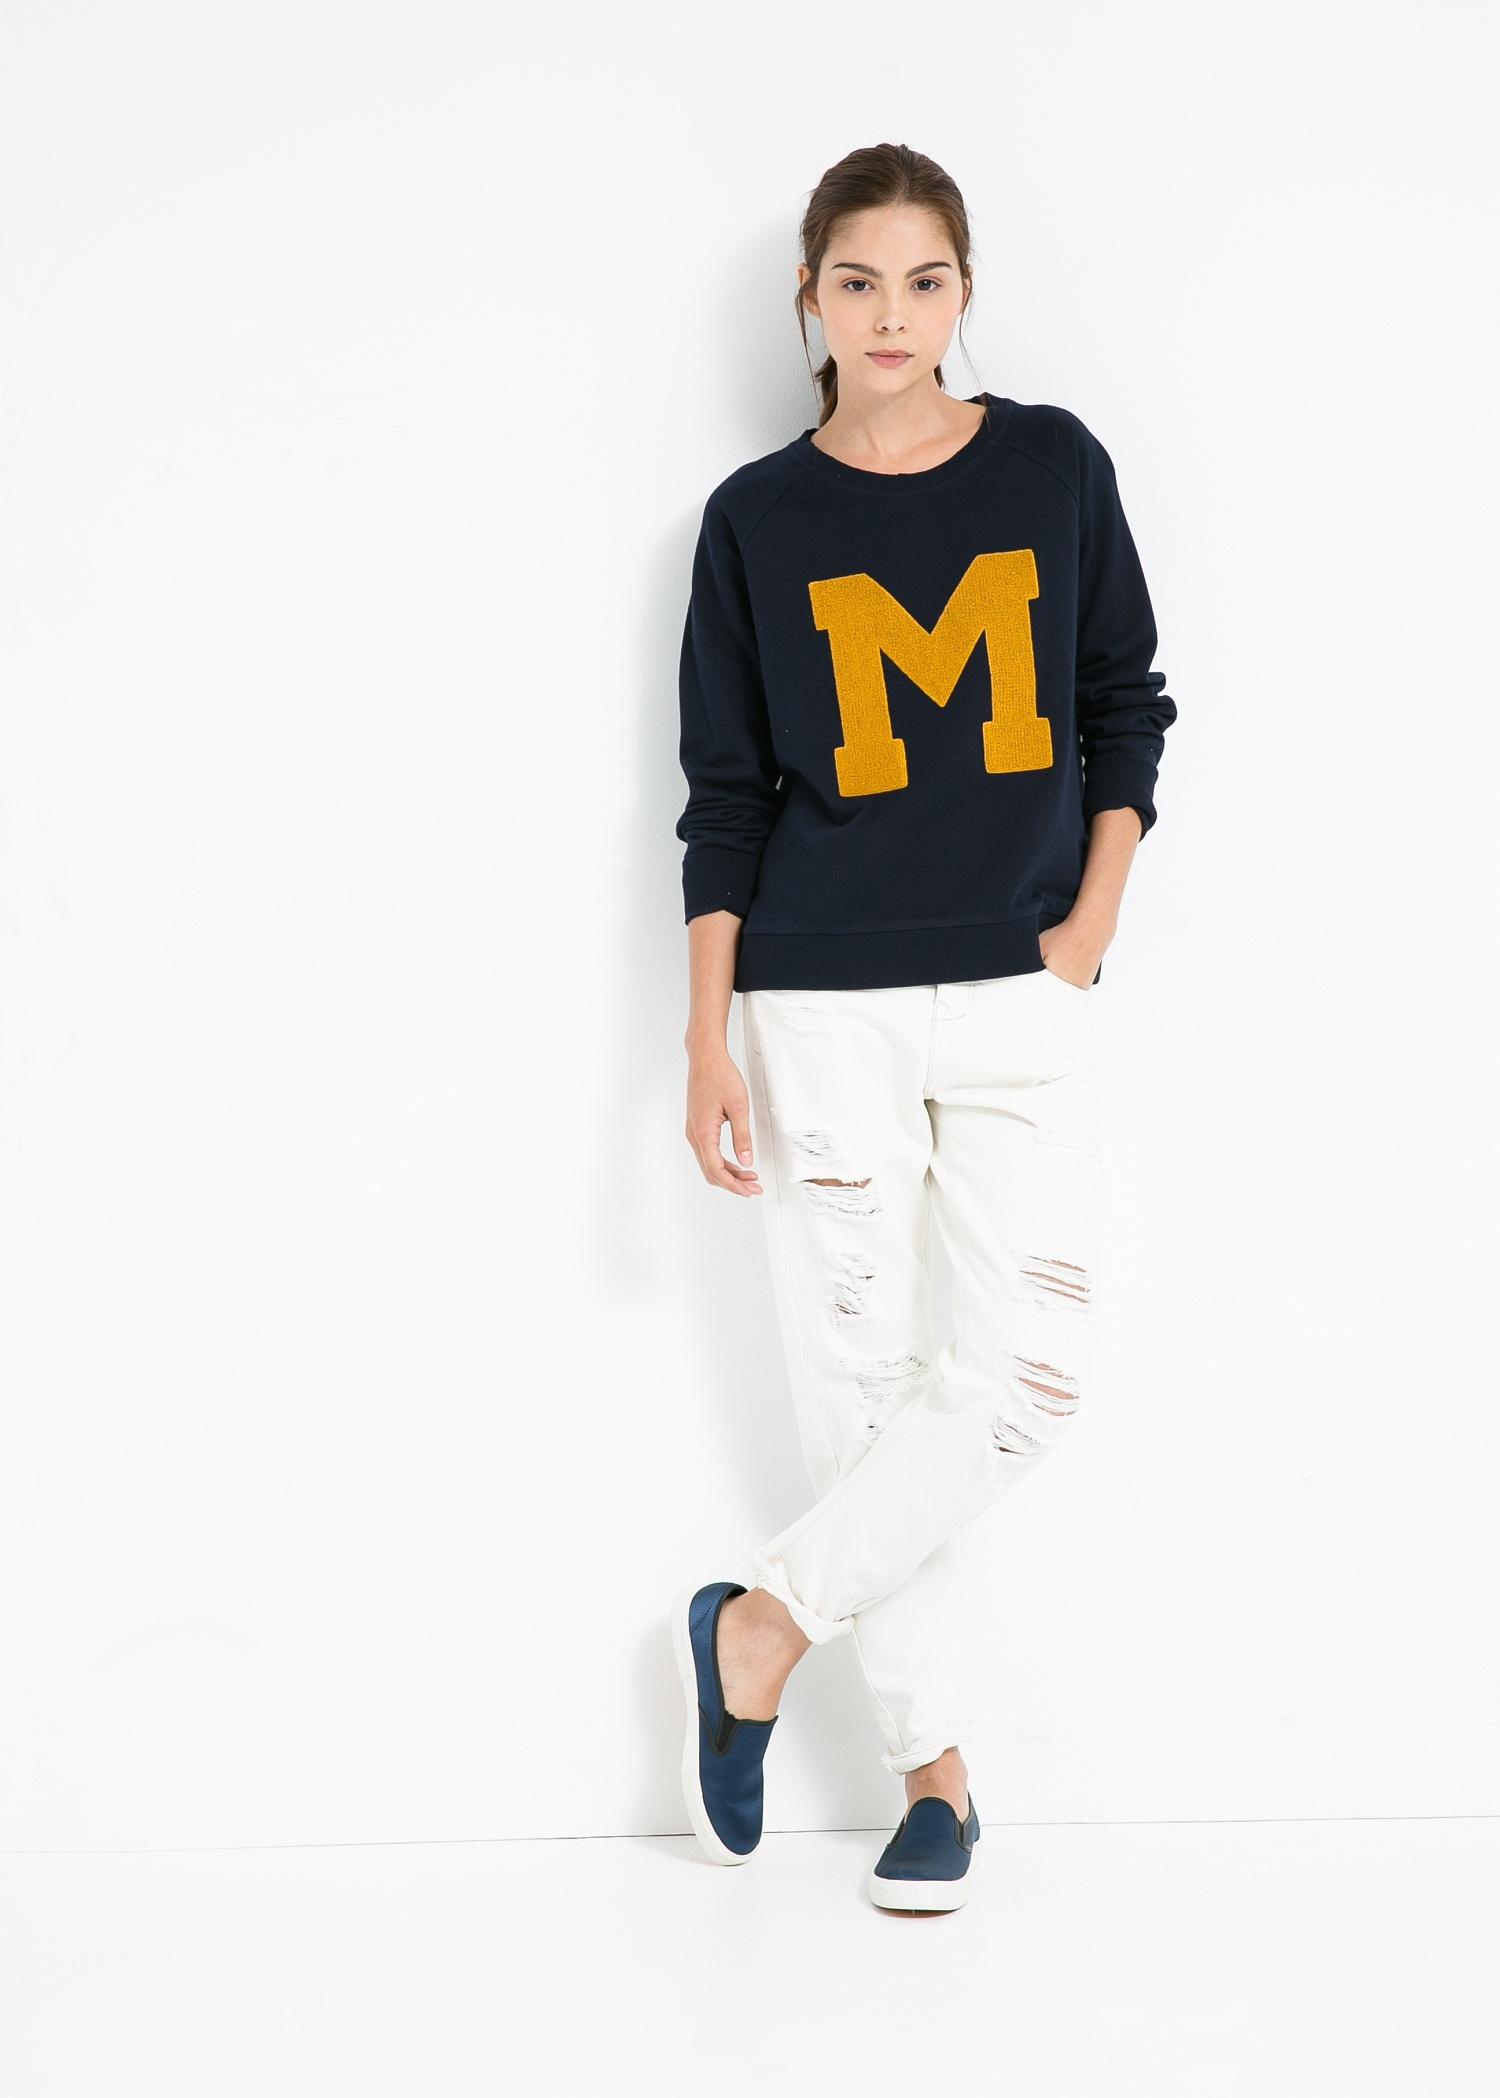 bfab58af5 Mango M Sweatshirt in Blue - Lyst